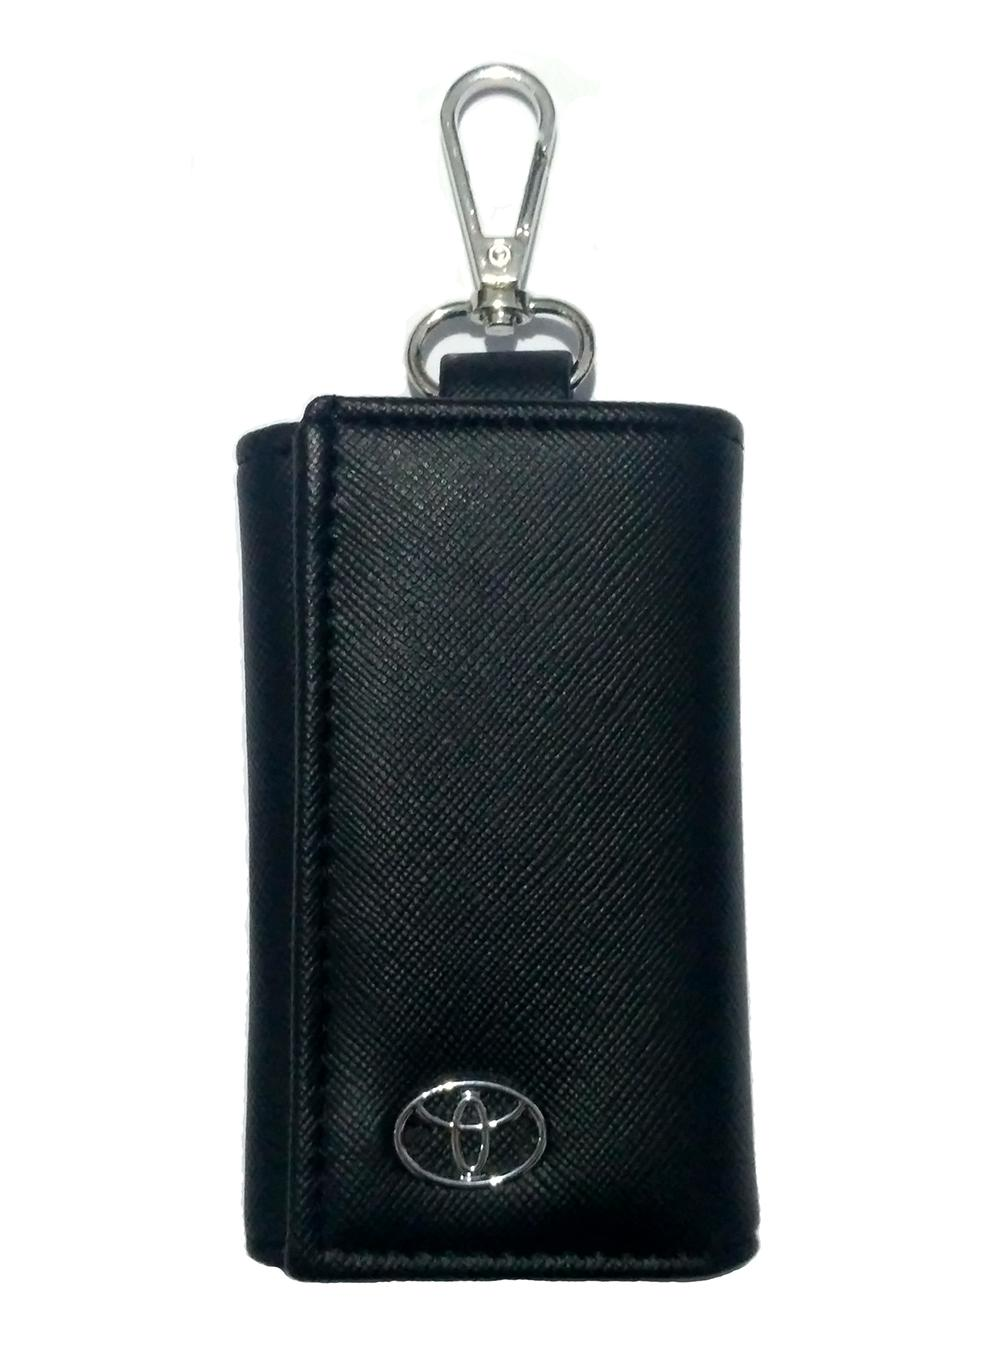 Dompet STNK - Gantungan Kunci Mobil TOYOTA Bahan Berkualitas - Hitam 1pc